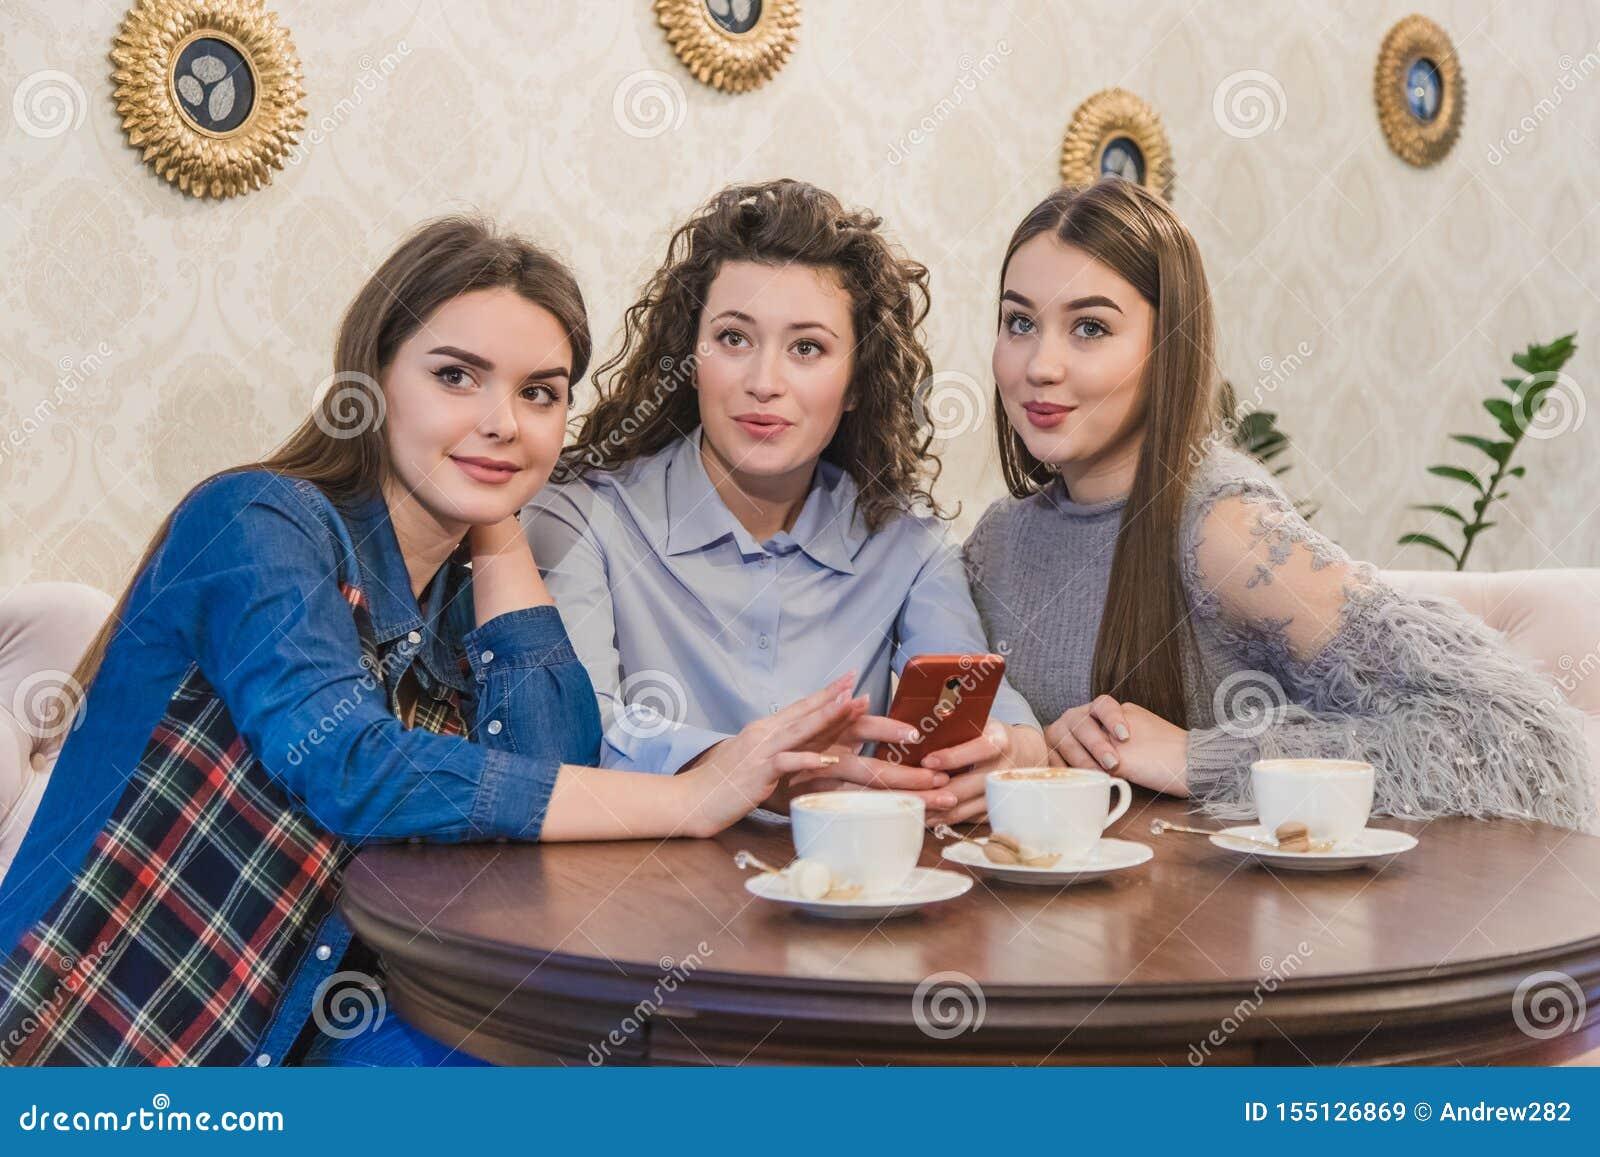 Die drei besten Freunde kamen, Kaffee und Klatsch zu trinken Mädchen sind Spaß und Lachen Mädchen mit dem schönen schwarzen Haar